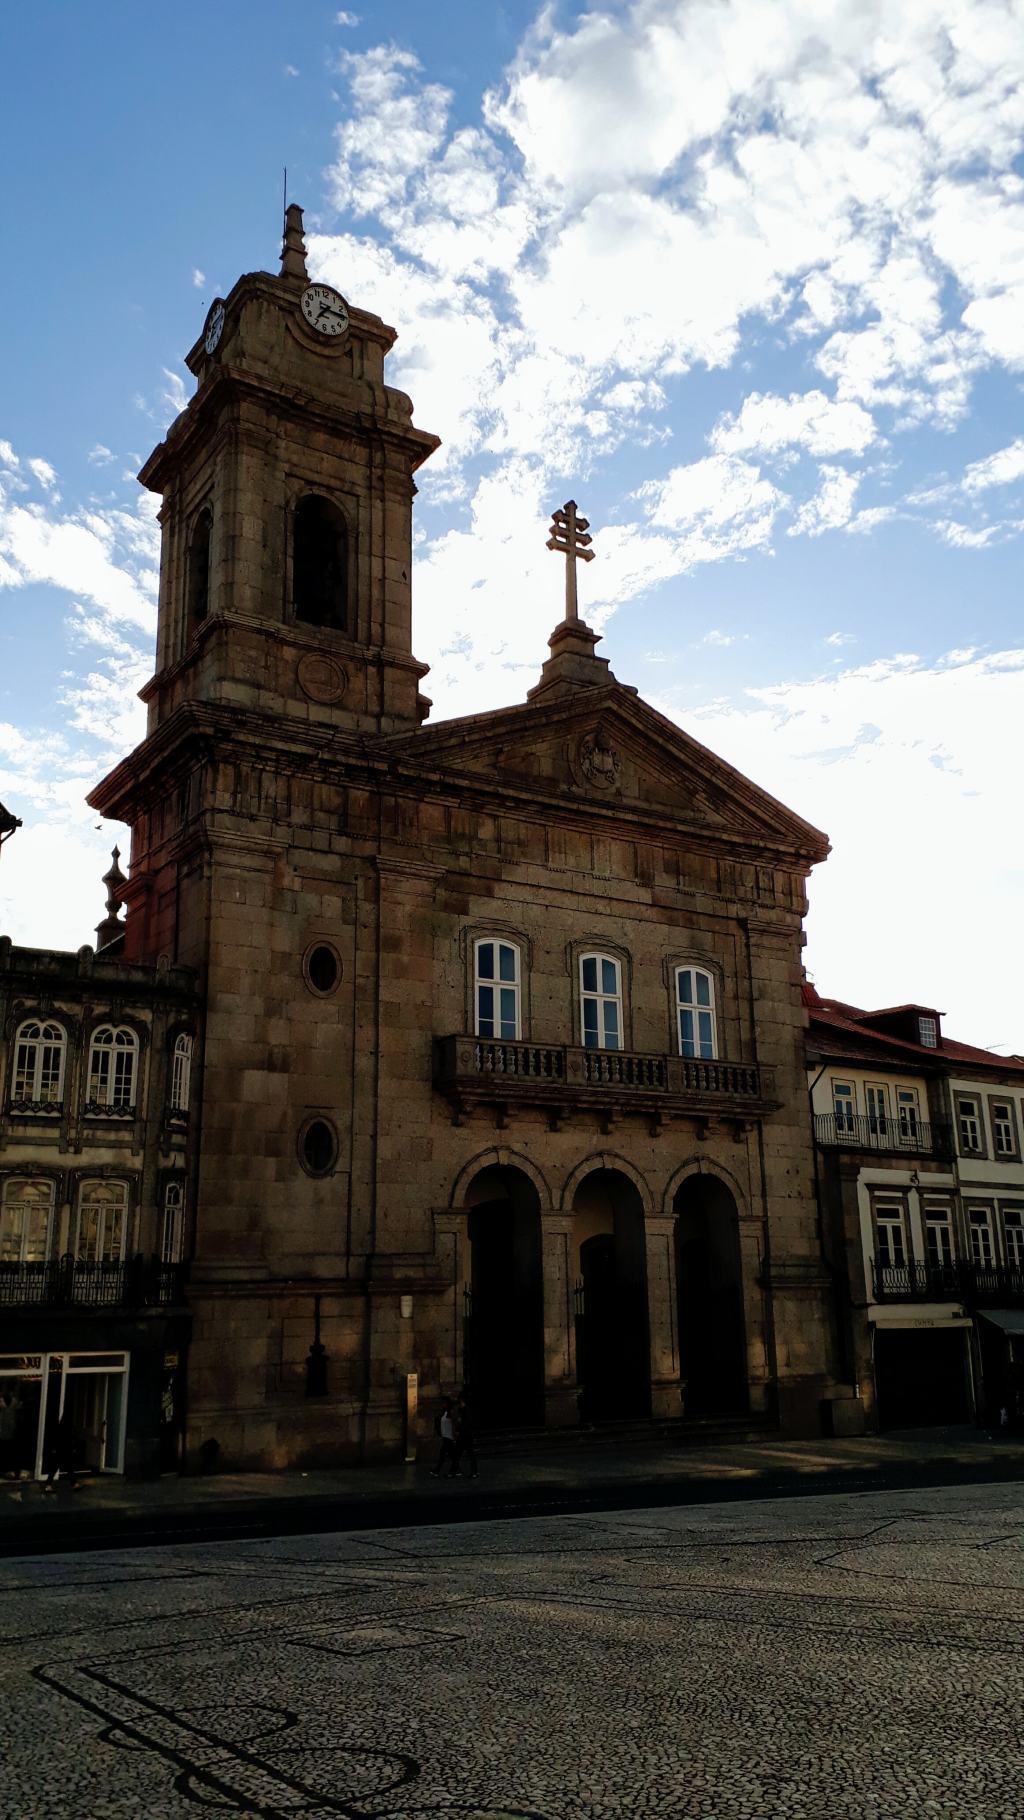 Basílica de São Pedro at Largo do Toural